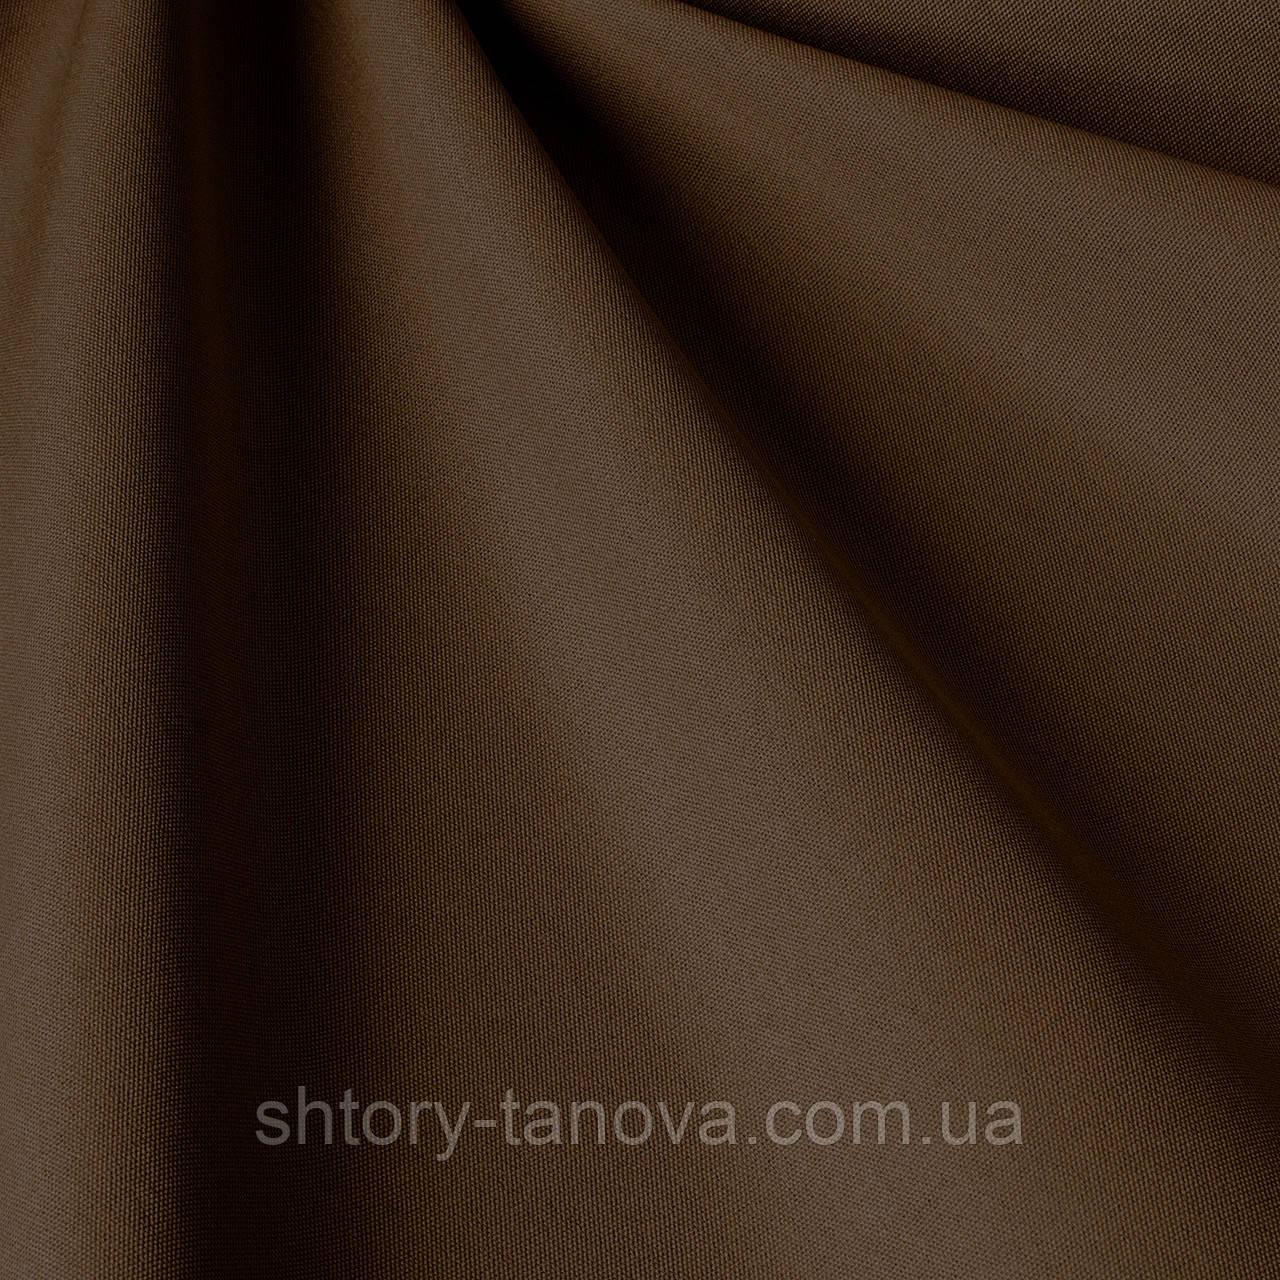 Однотонная уличная ткань темно-коричневая